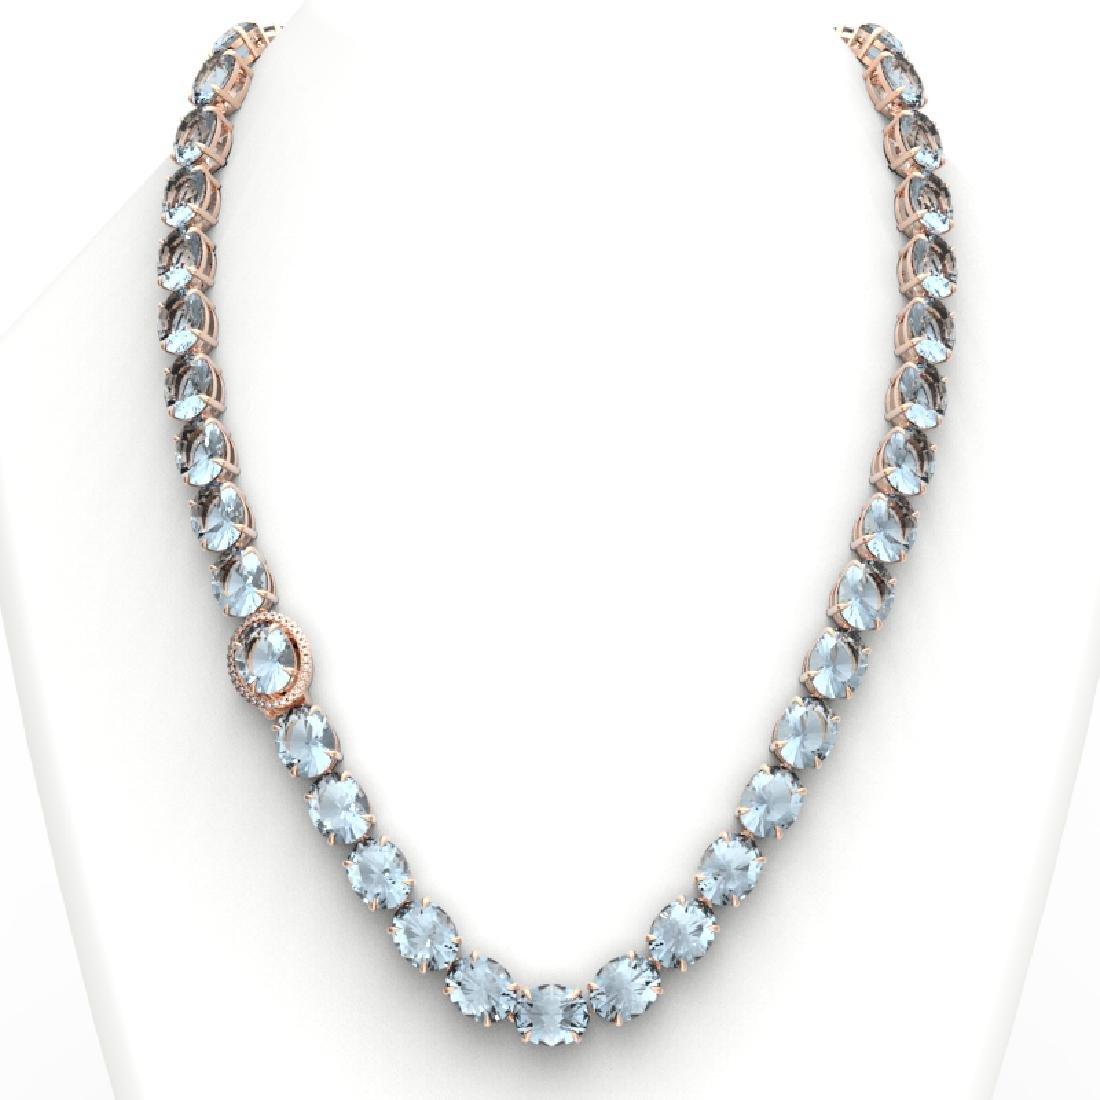 136 CTW Aquamarine & VS/SI Diamond Necklace 14K Rose - 3